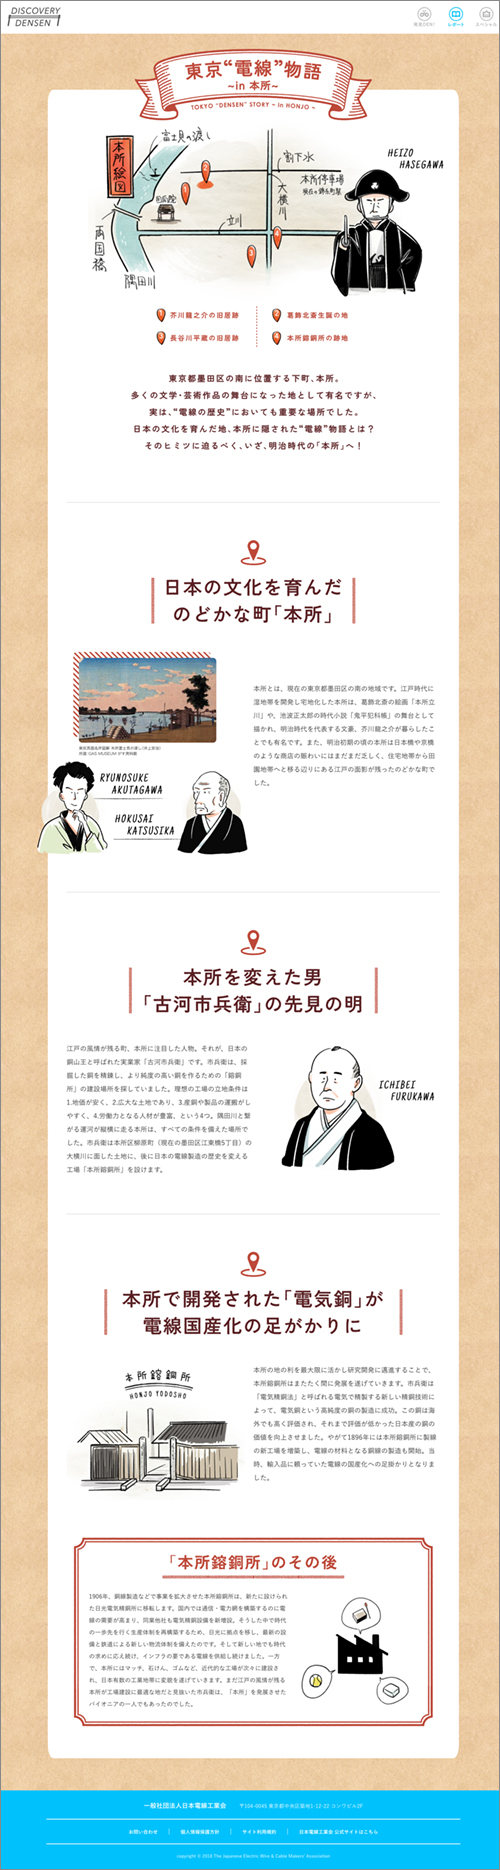 東京電線物語のウェブデザイン